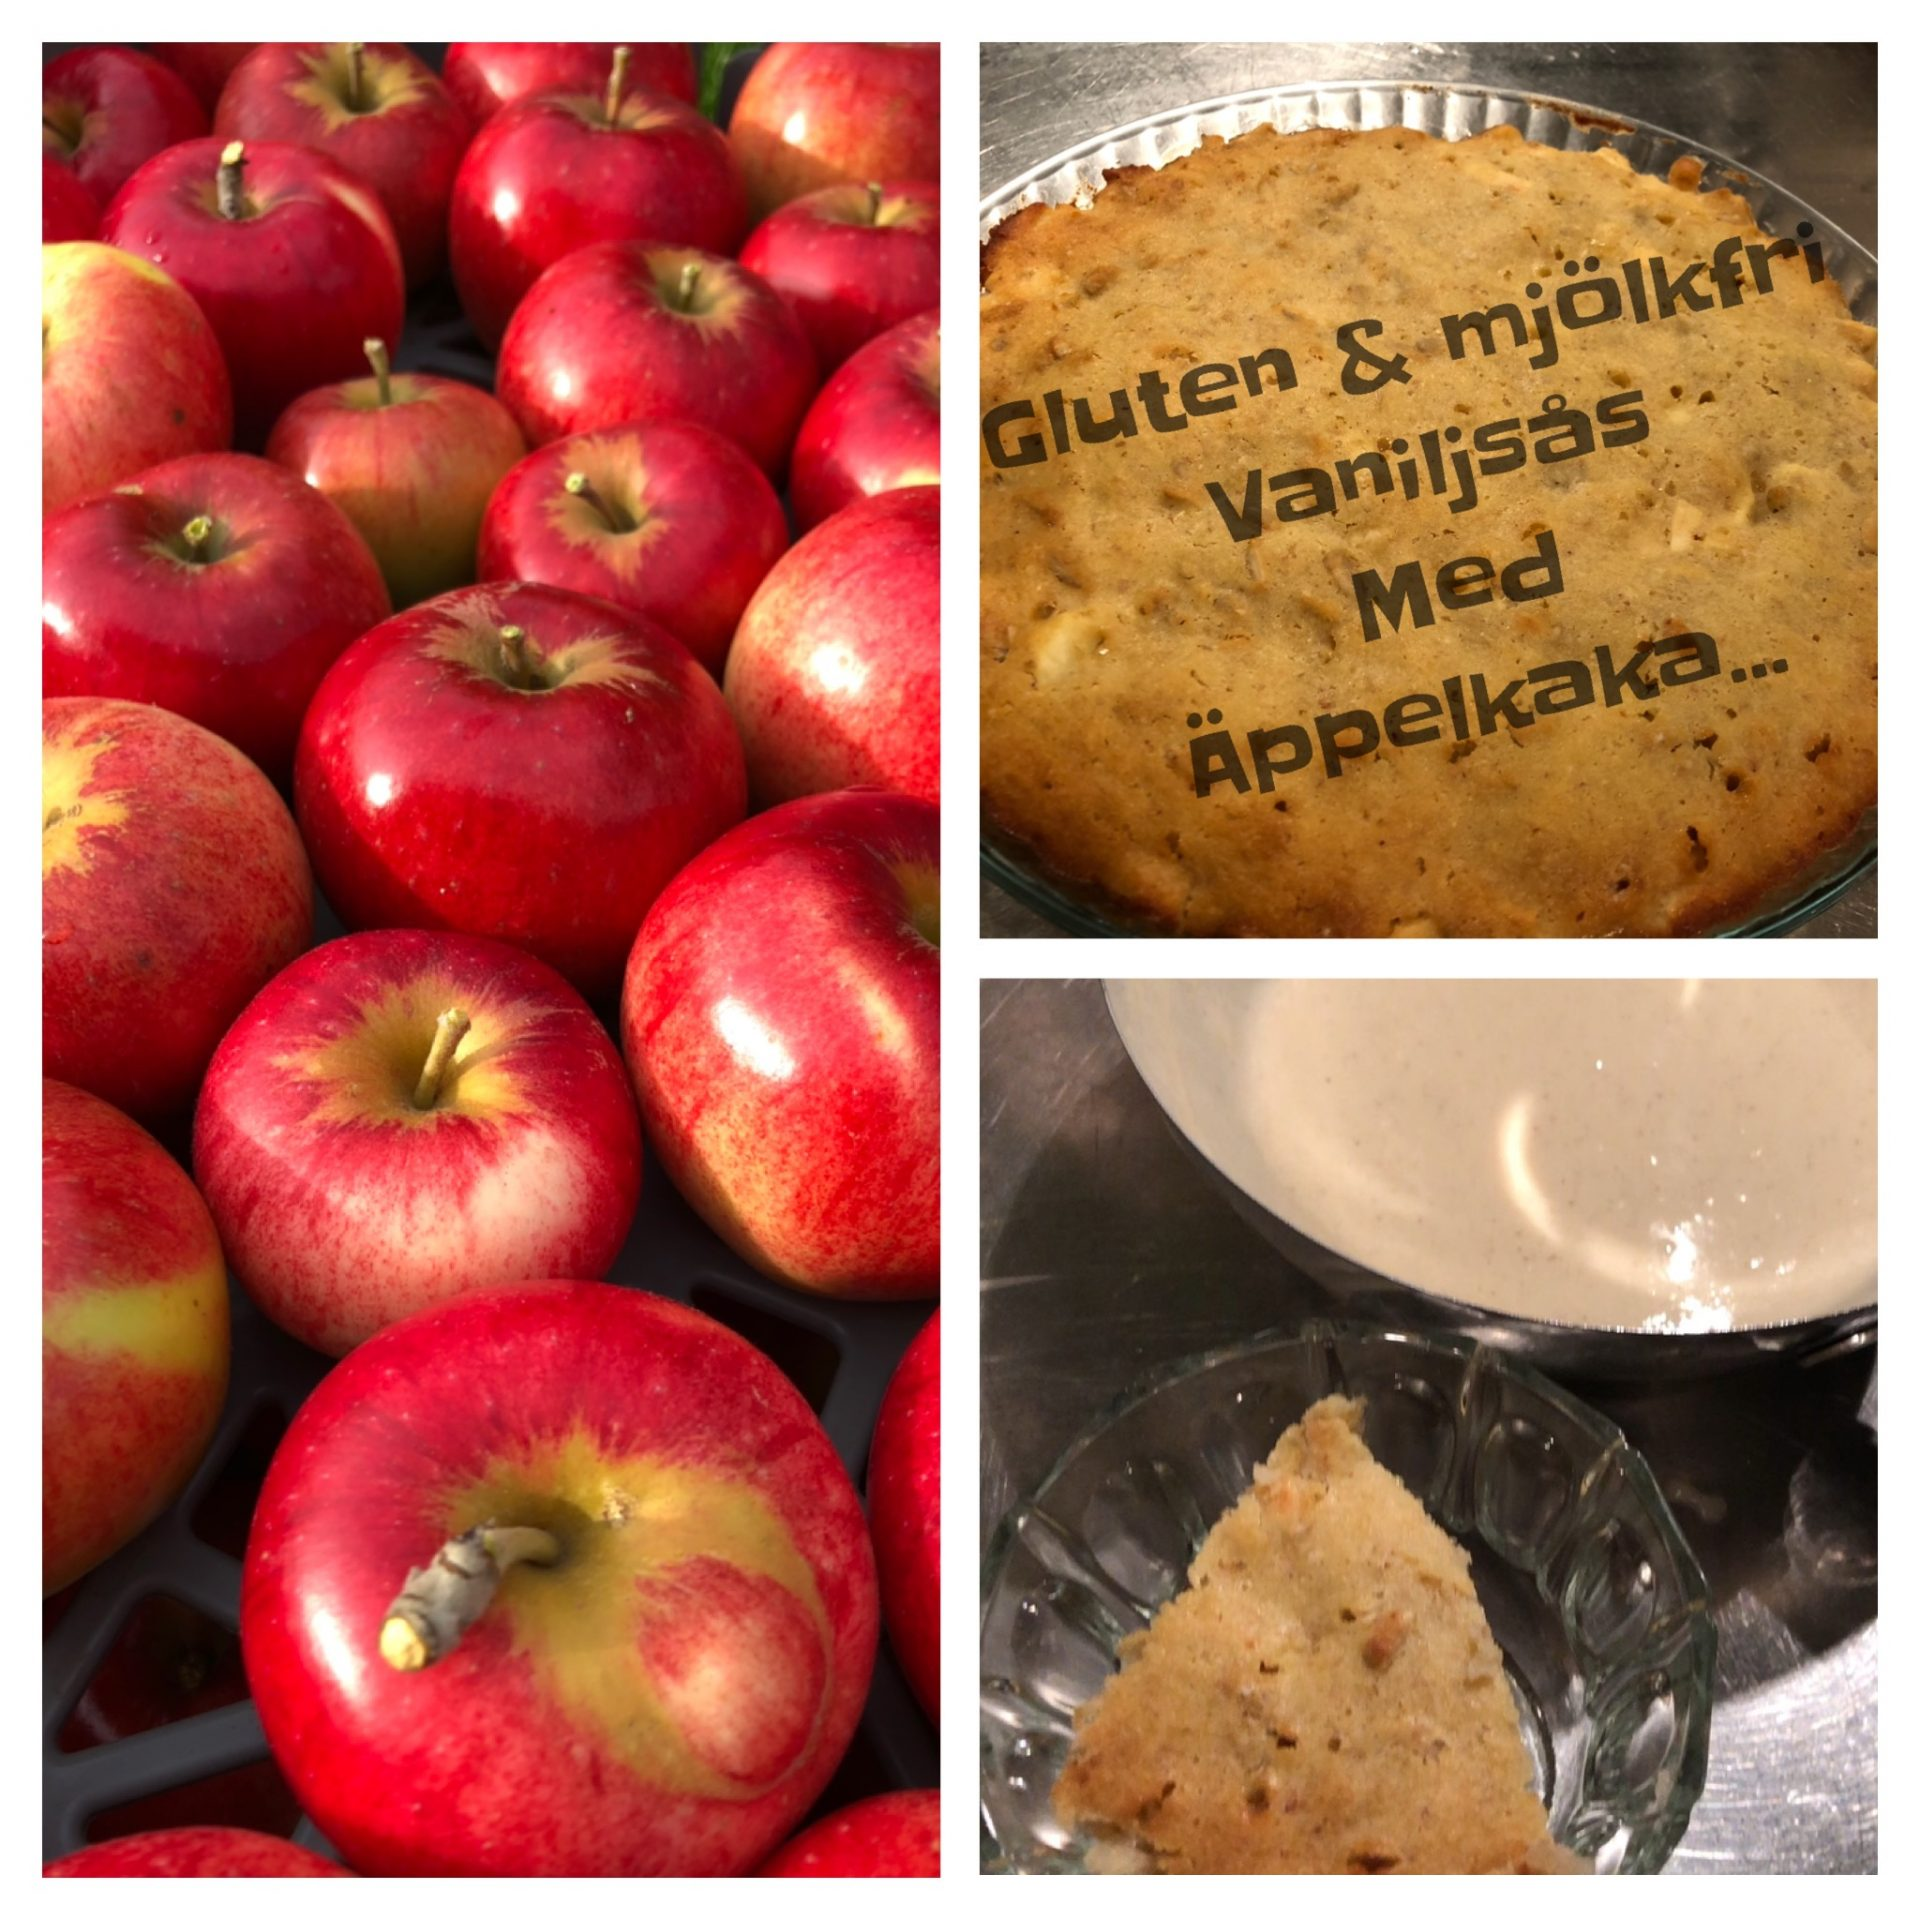 Vaniljsås med Äppelkaka gluten och mjölkfri